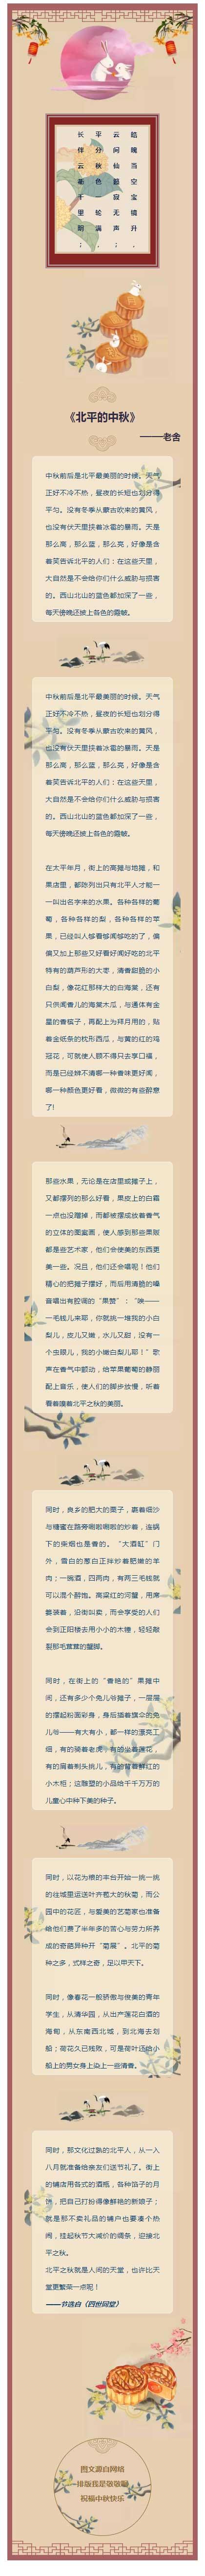 文学作品欣赏中秋节相关文学模板